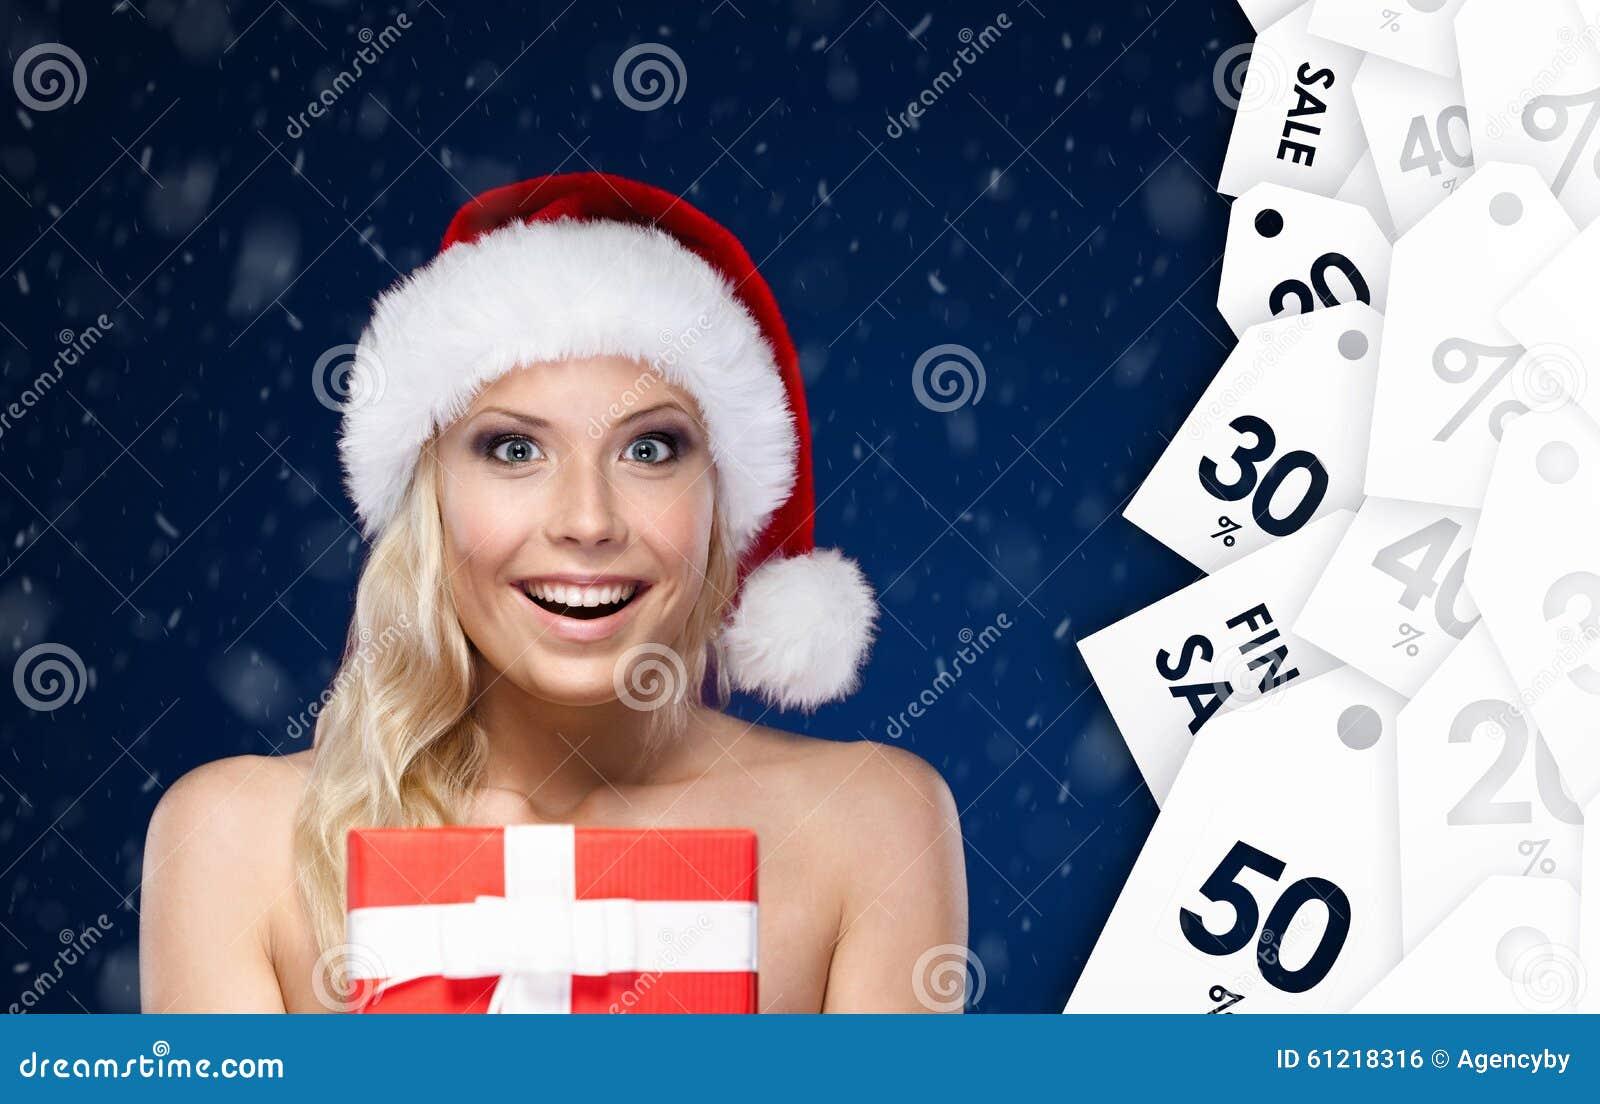 圣诞节盖帽的俏丽的妇女递礼物包裹与红色纸